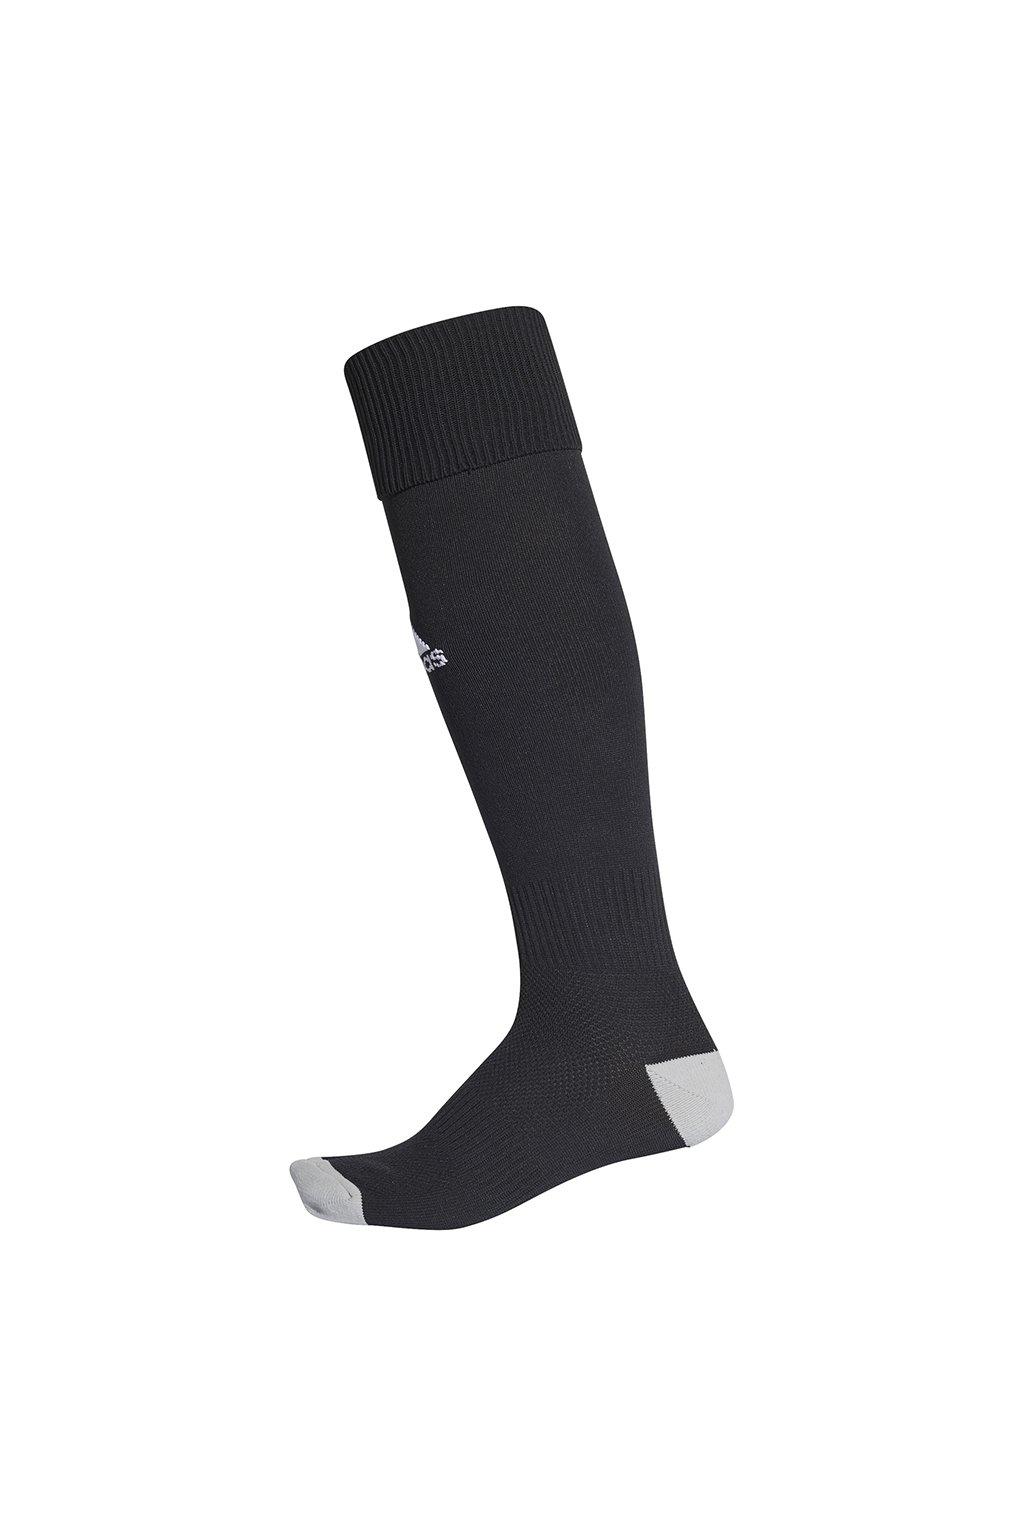 Futbalové ponožky Adidas Milano 16 Sock, čierne AJ5904 / E19301